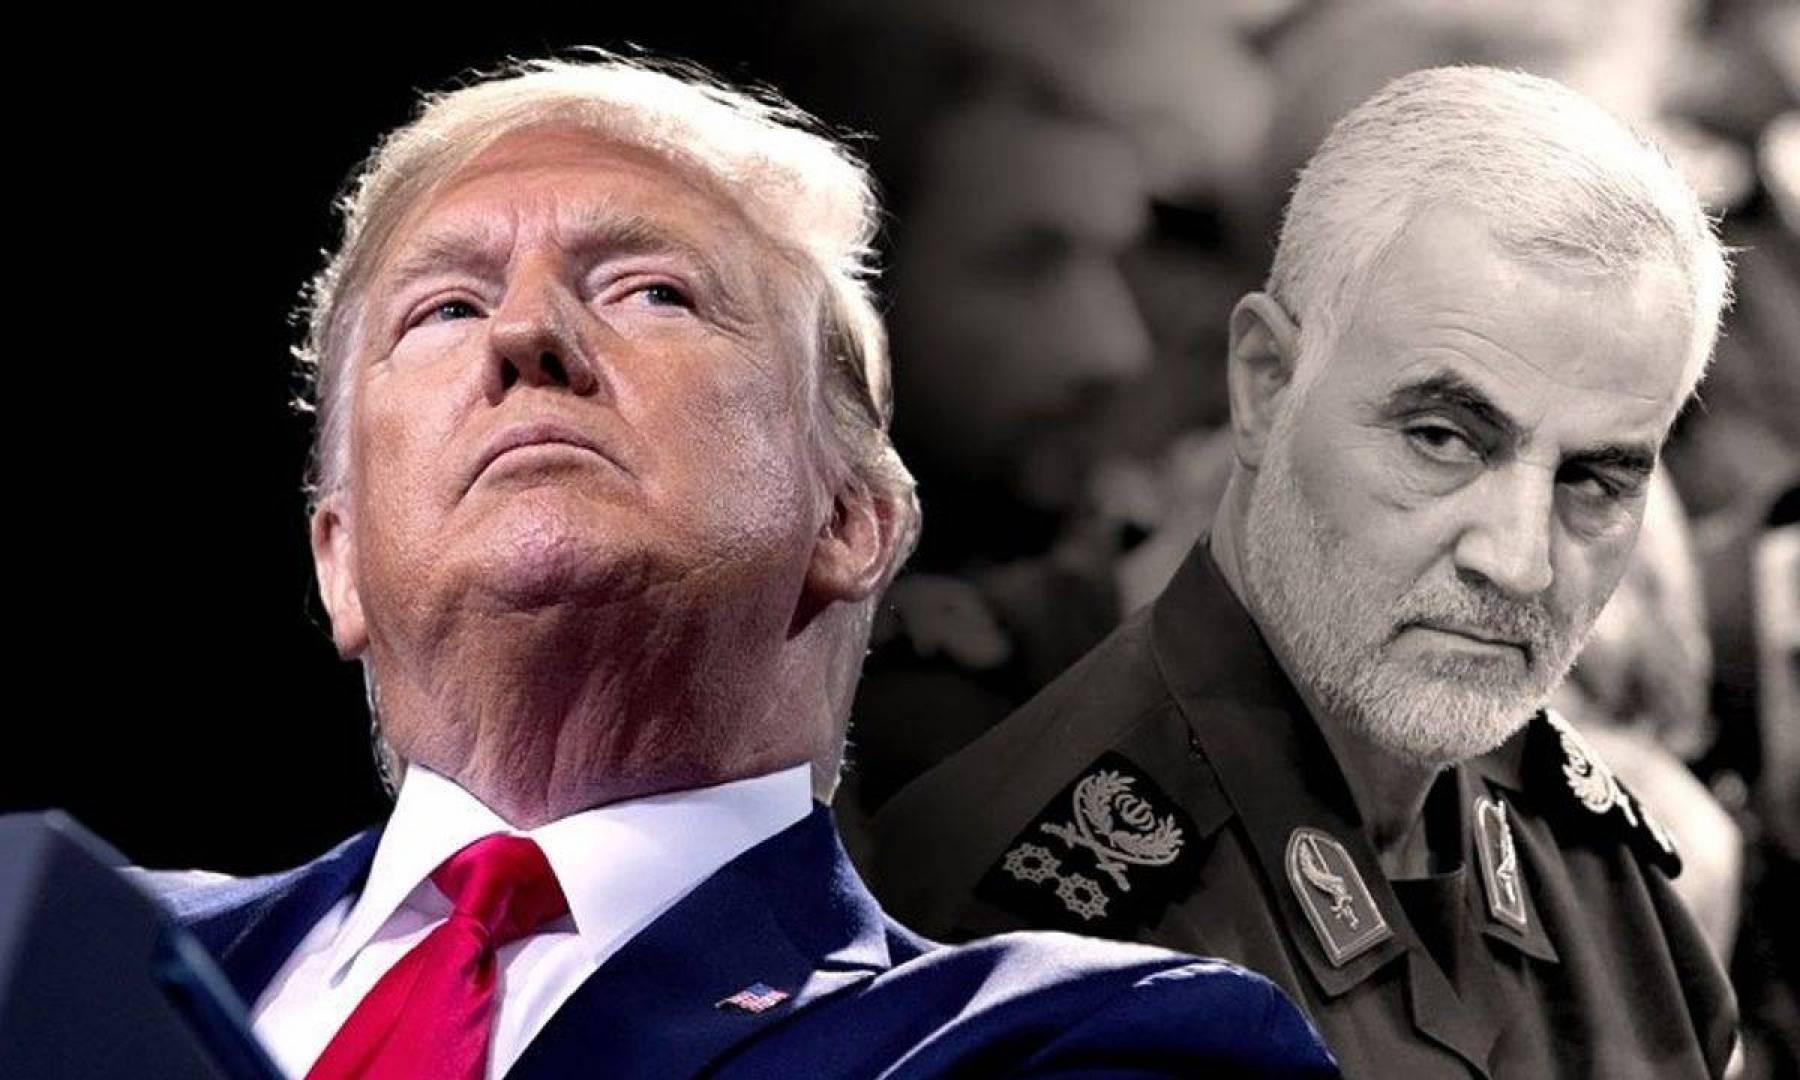 إيران تخاطب الإنتربول لاعتقال ترامب